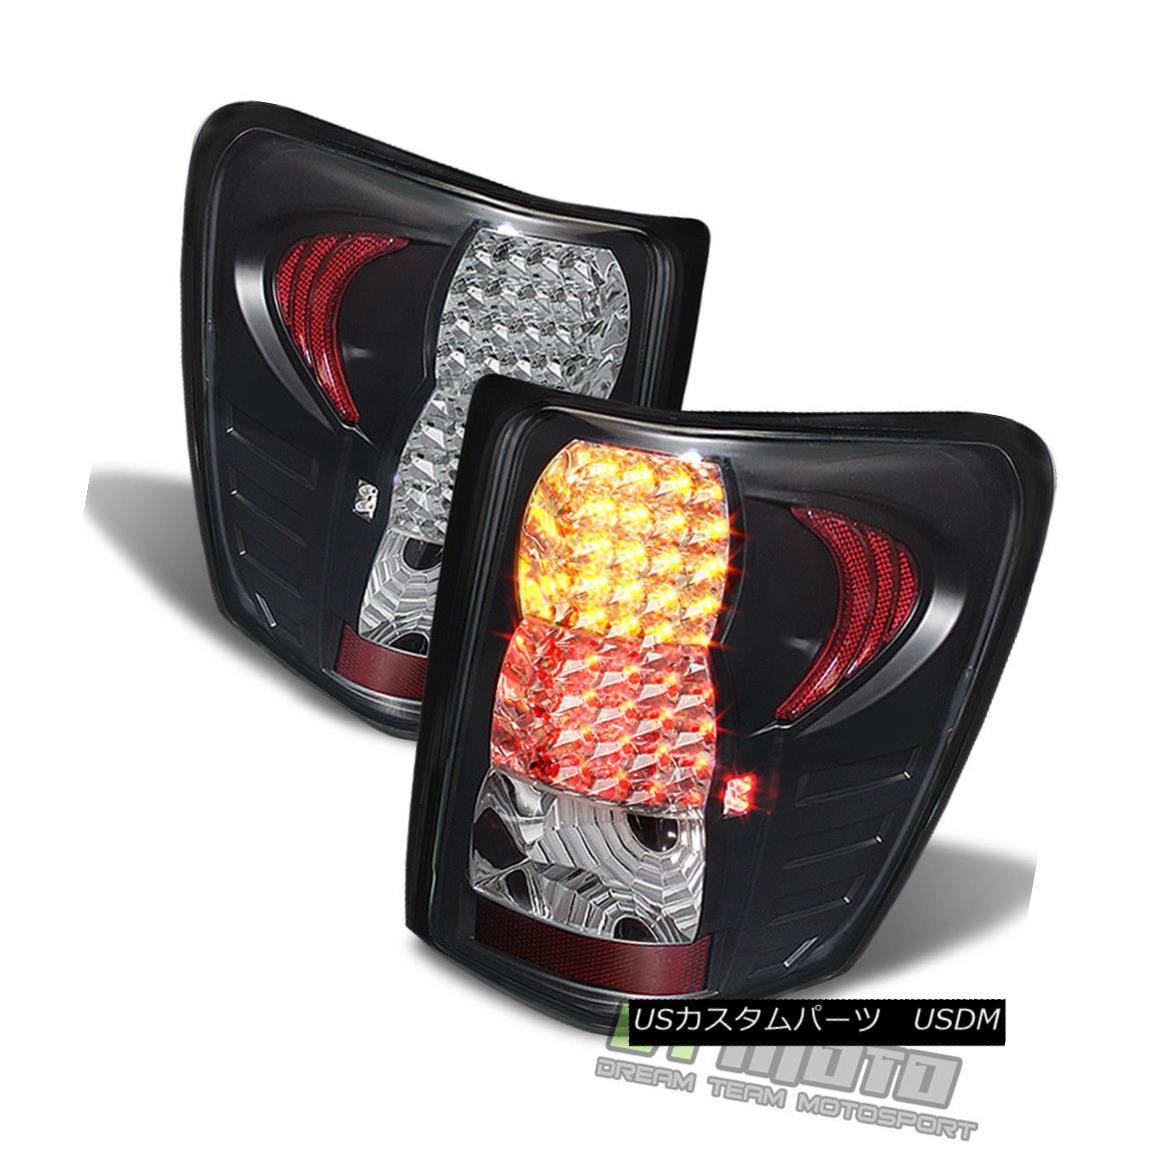 テールライト Black Right 1999-2004 Jeep Grand Jeep Grand Cherokee LED Tail Lights Brake Lamps 99-04 Left+Right ブラック1999-2004 Jeep Grand Cherokee LEDテールライトブレーキランプ99-04 Left + Right, 餅よし:71ce8a68 --- officewill.xsrv.jp